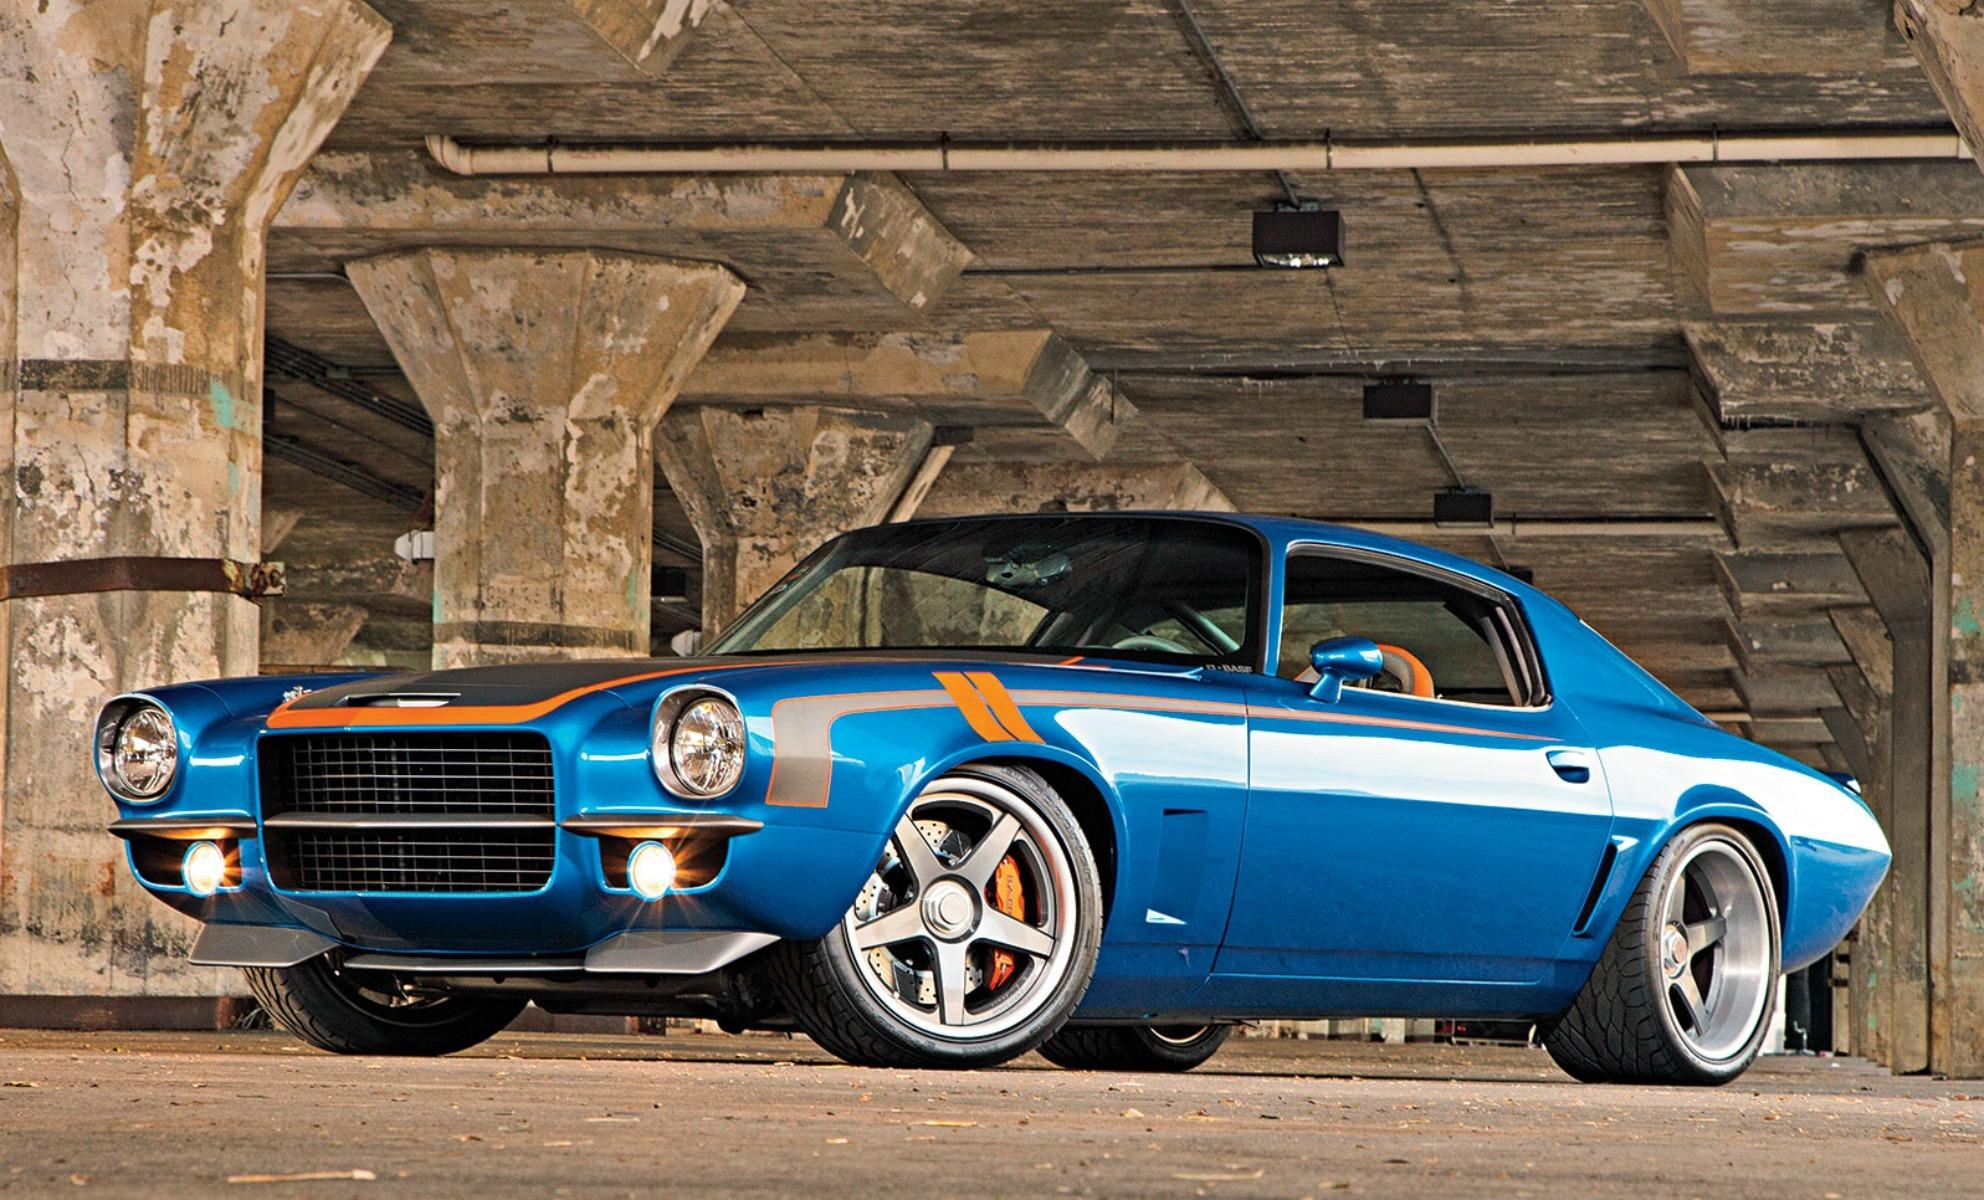 fond d 39 cran v hicule bleu vue de c t voiture de sport chevrolet camaro convertible. Black Bedroom Furniture Sets. Home Design Ideas